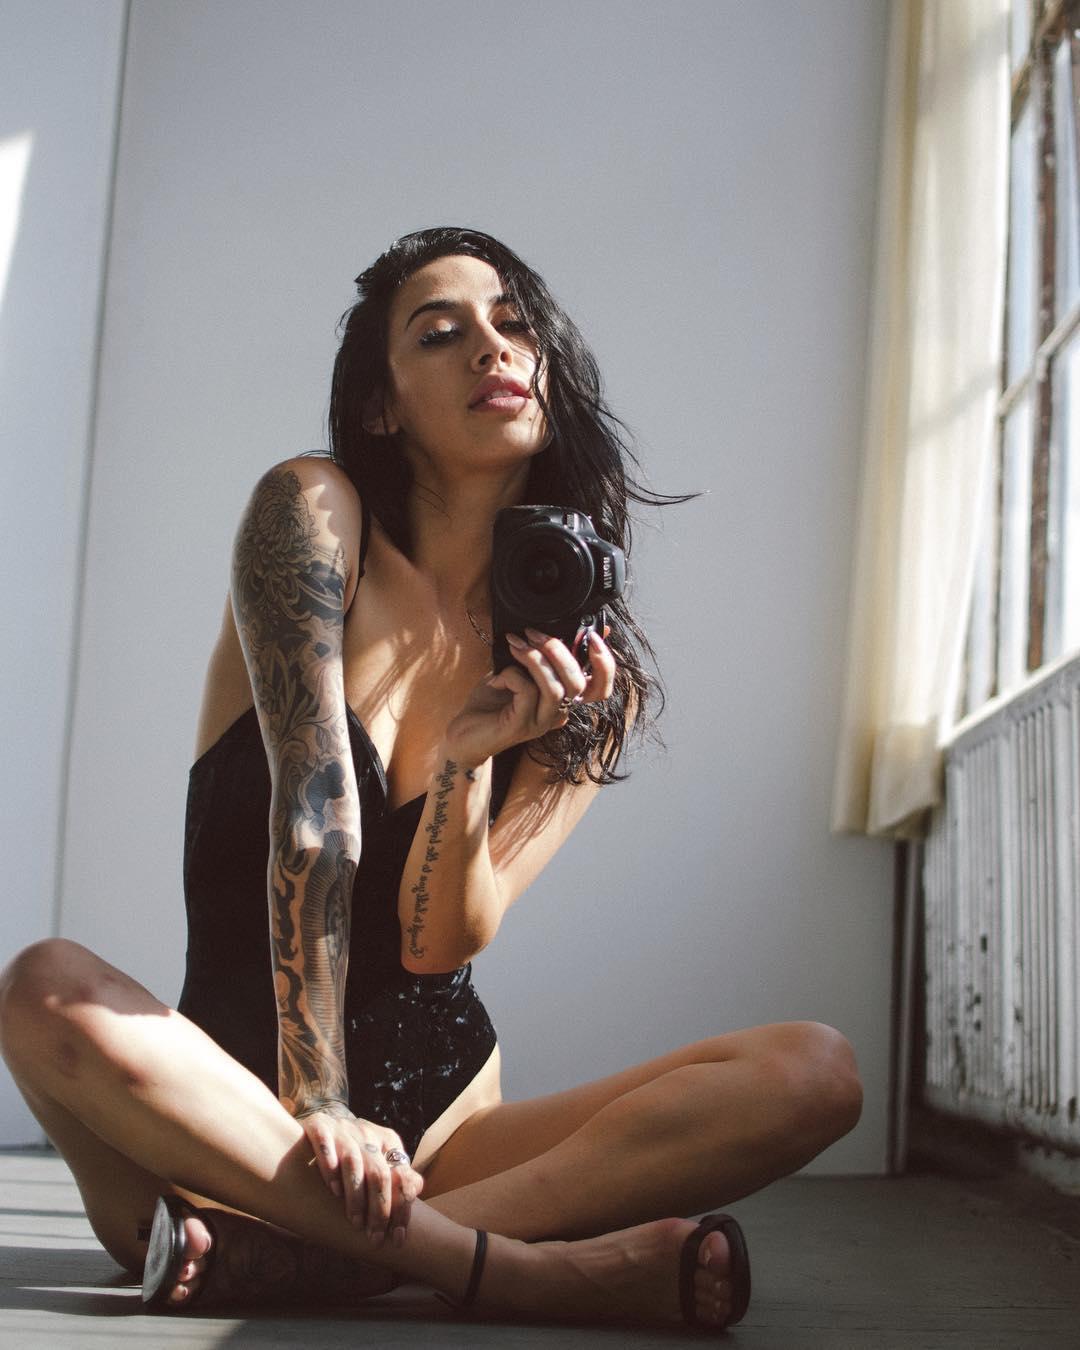 2019 Alexandra Stark naked (47 images), Selfie